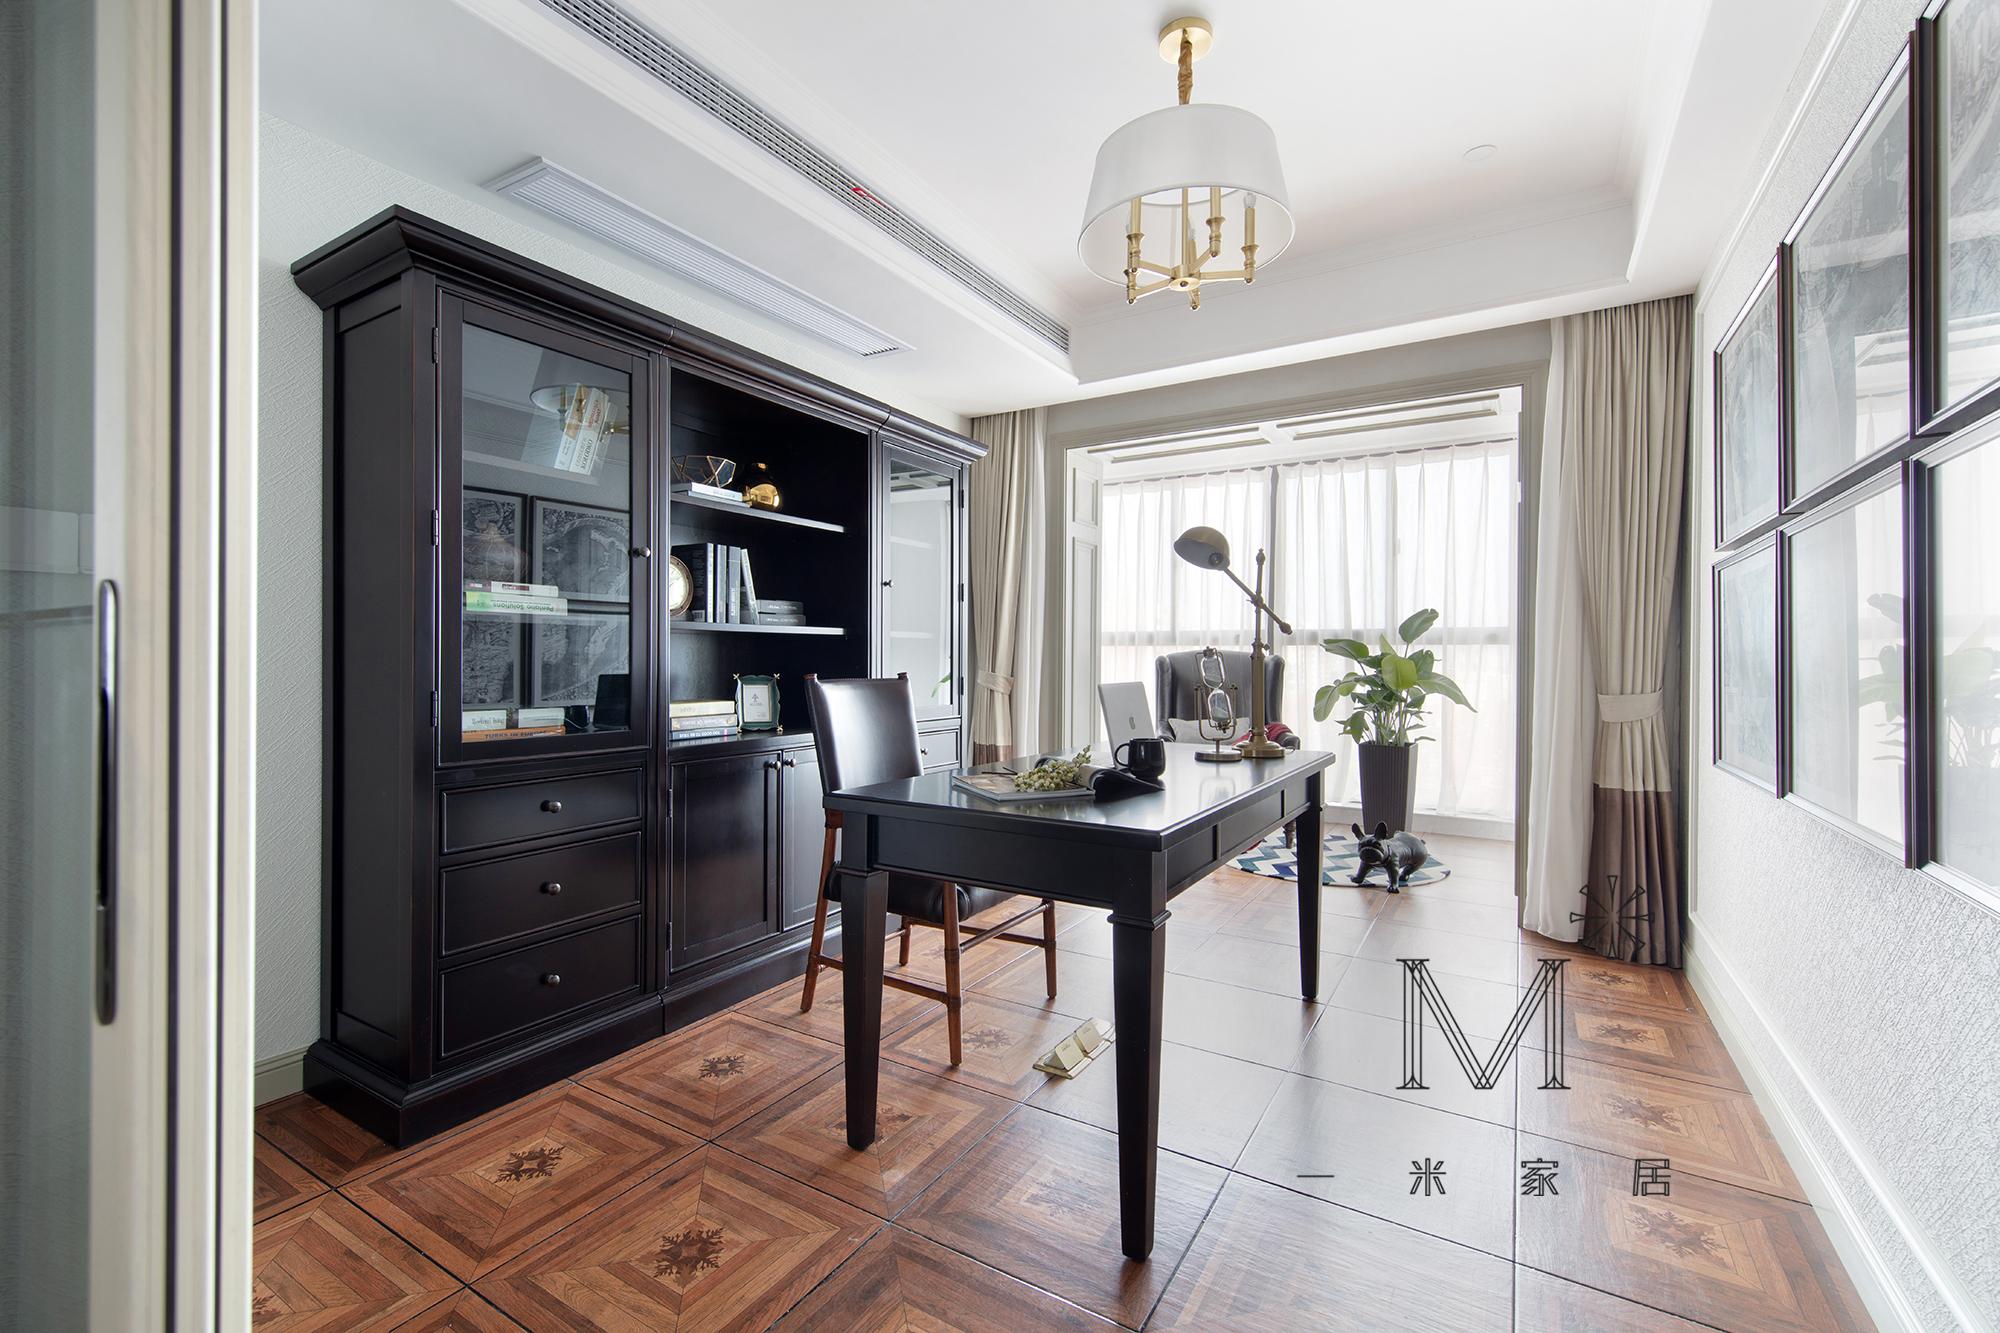 典雅110平美式四居客厅效果图欣赏功能区美式经典功能区设计图片赏析